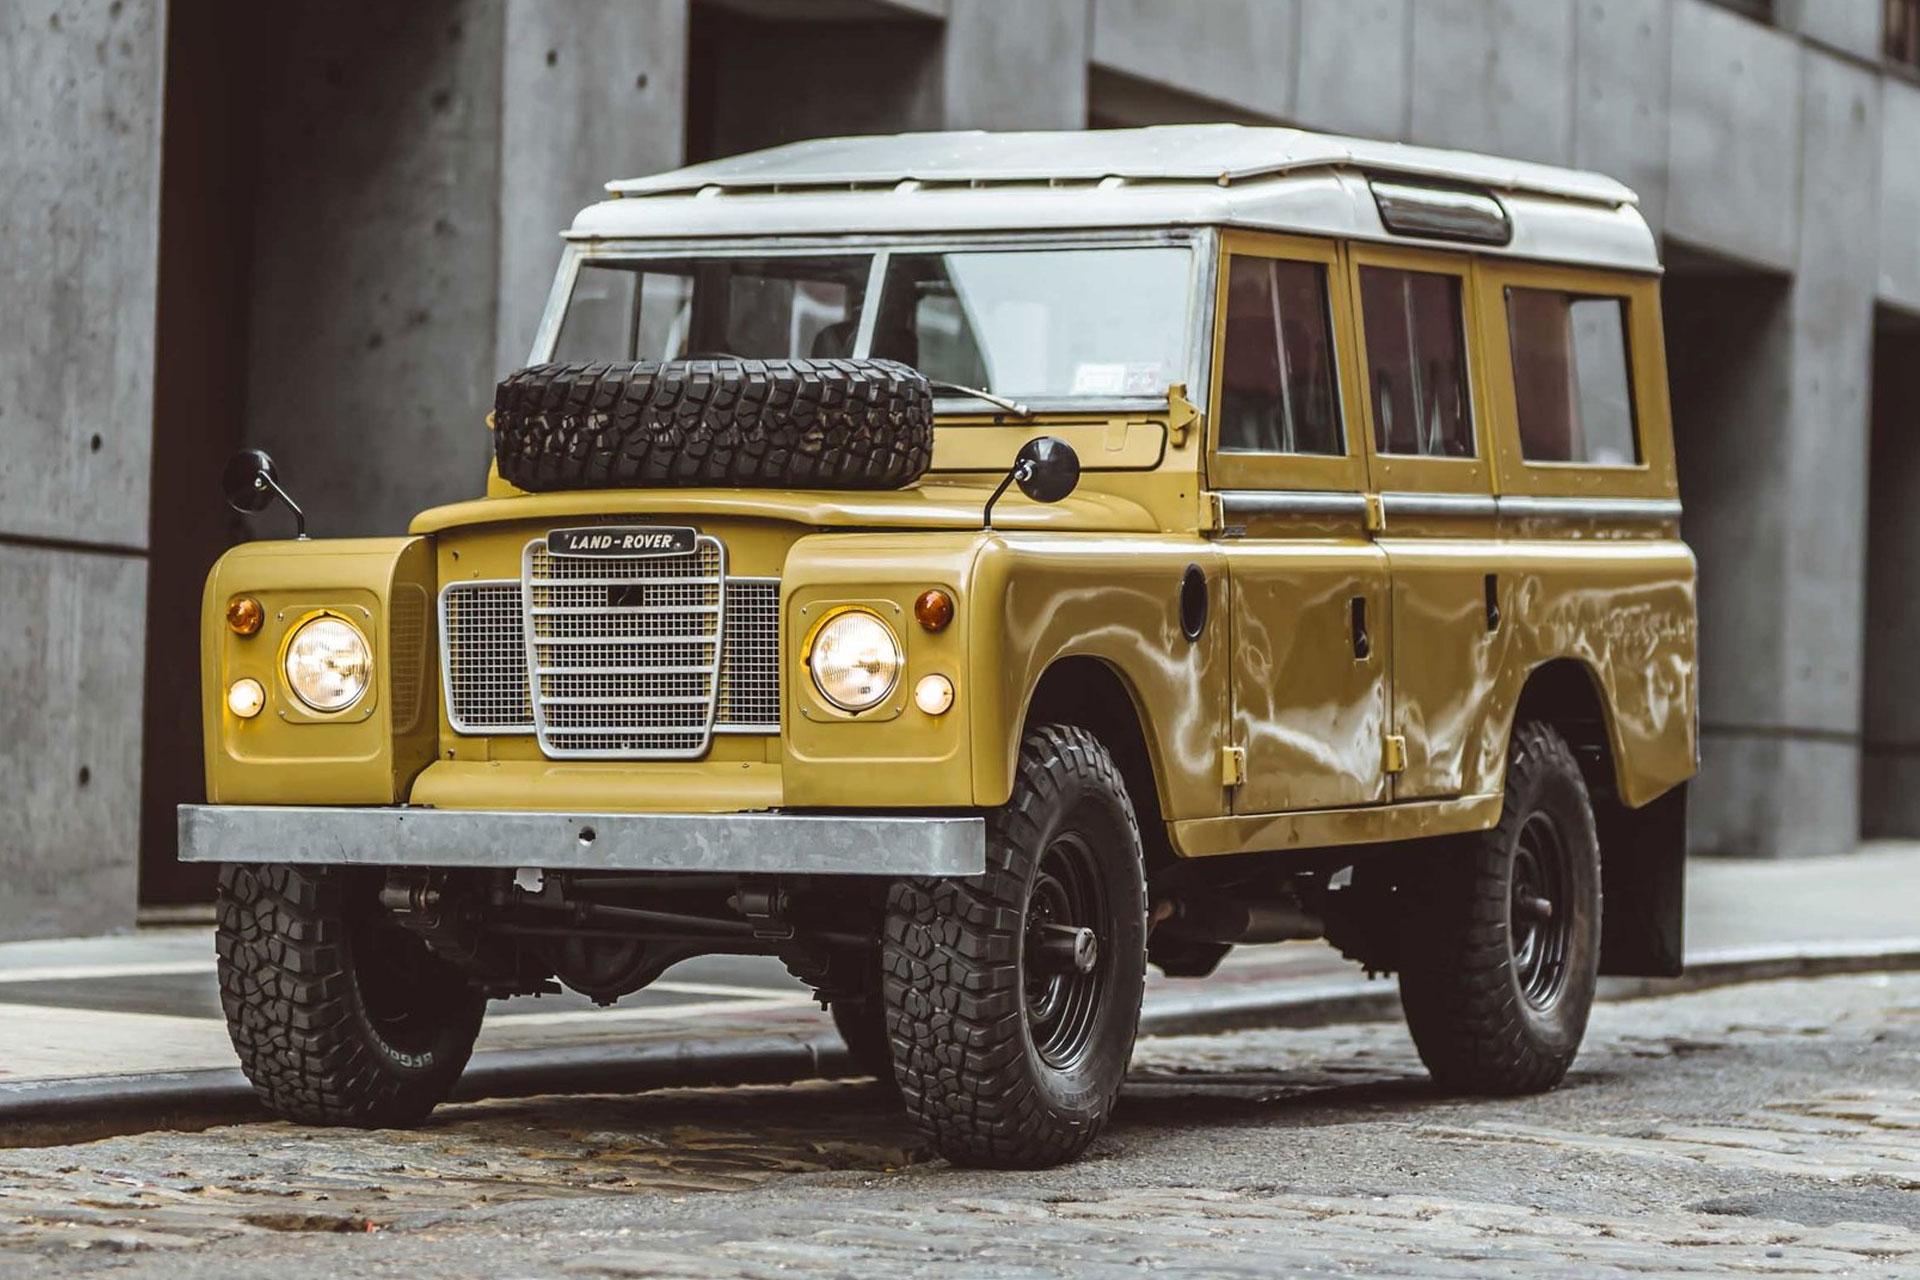 1975 Land Rover Series III 109 SUV